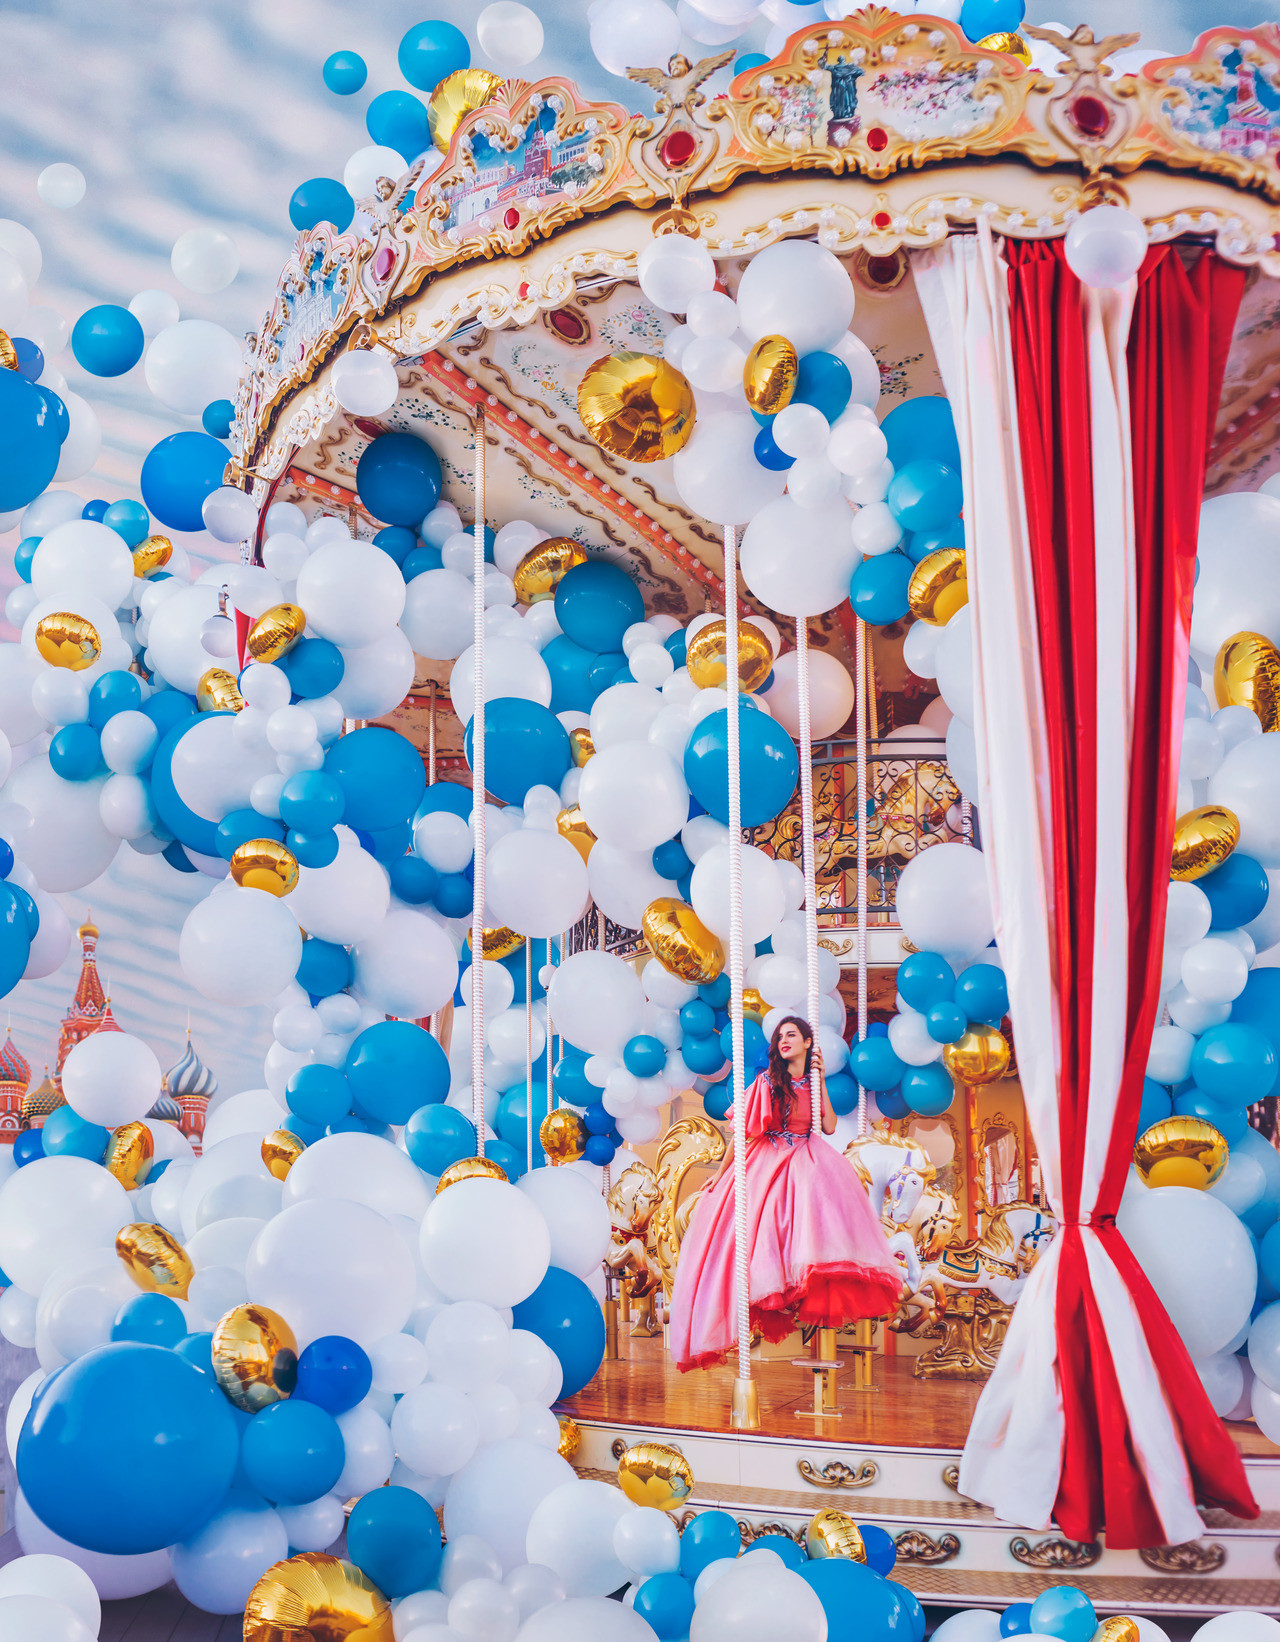 Арт-инсталляции и воздушный декор: интервью с основателем